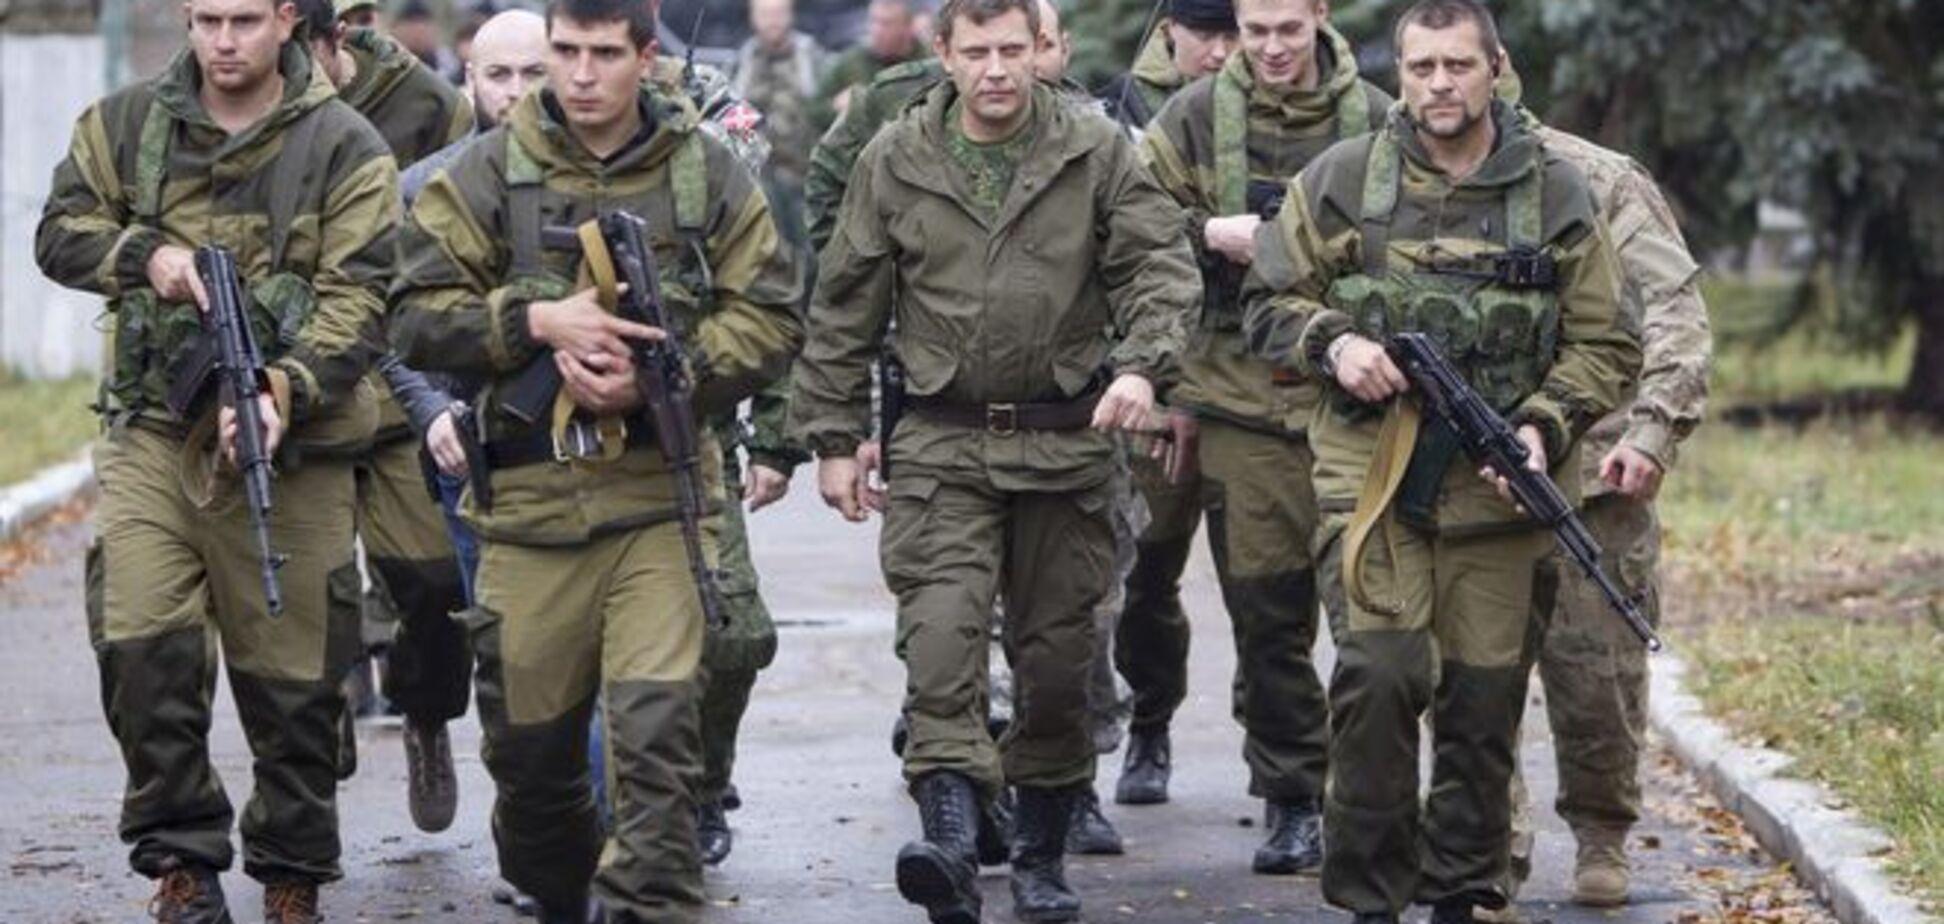 Терористи 'ДНР' до травня проведуть 'судилища' над українськими військовослужбовцями